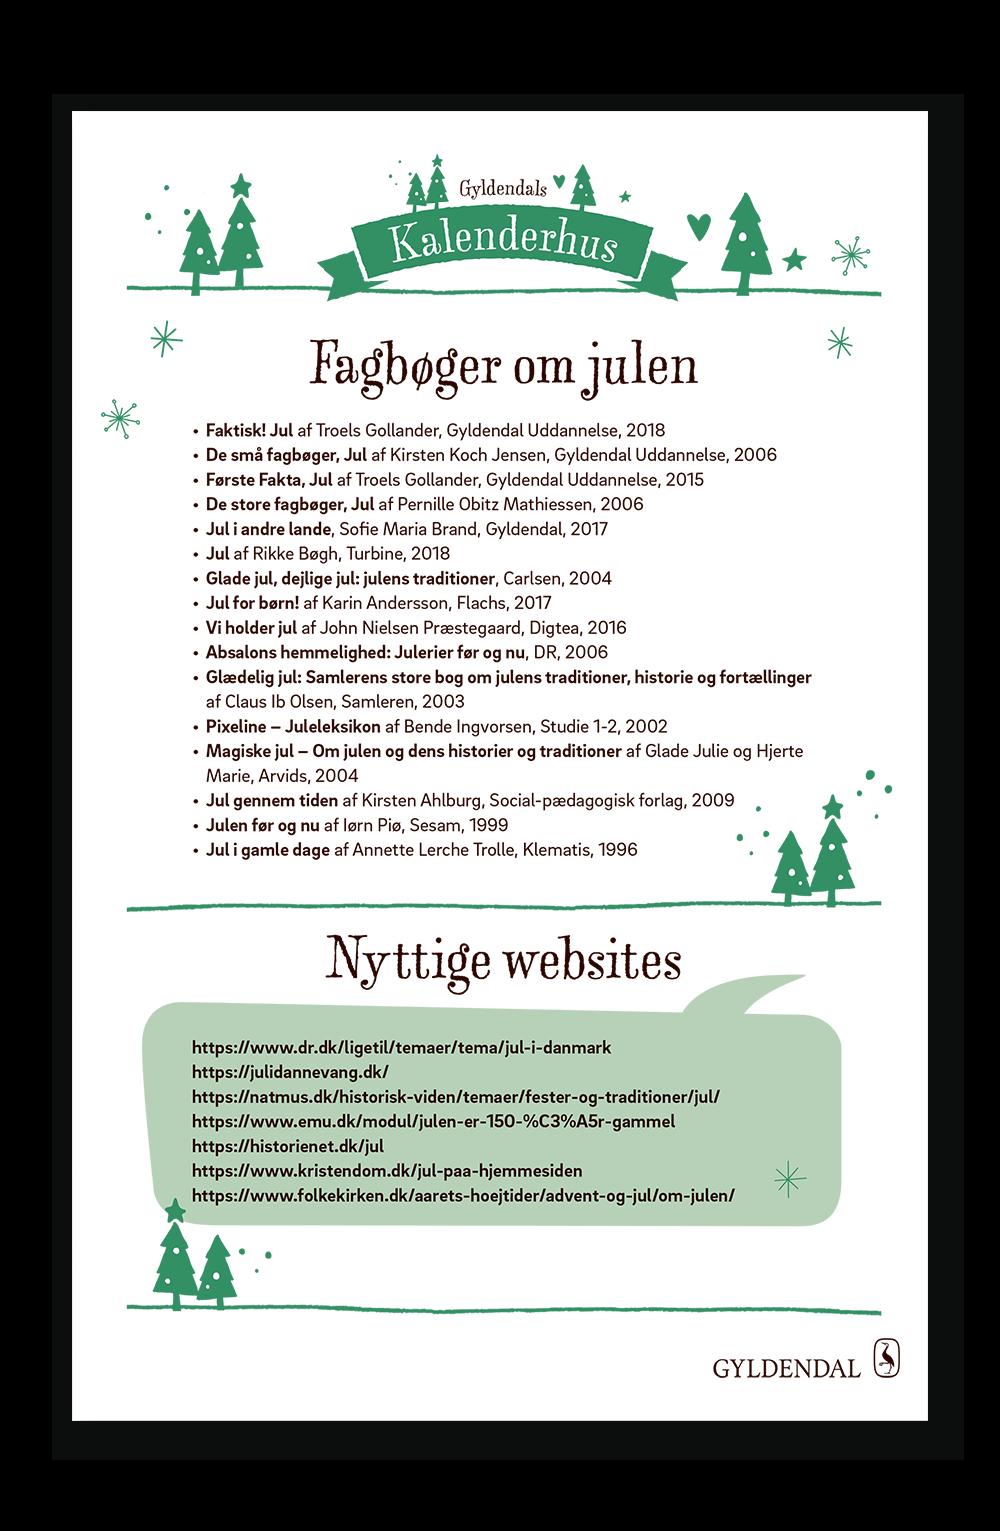 Fagbøger om julen